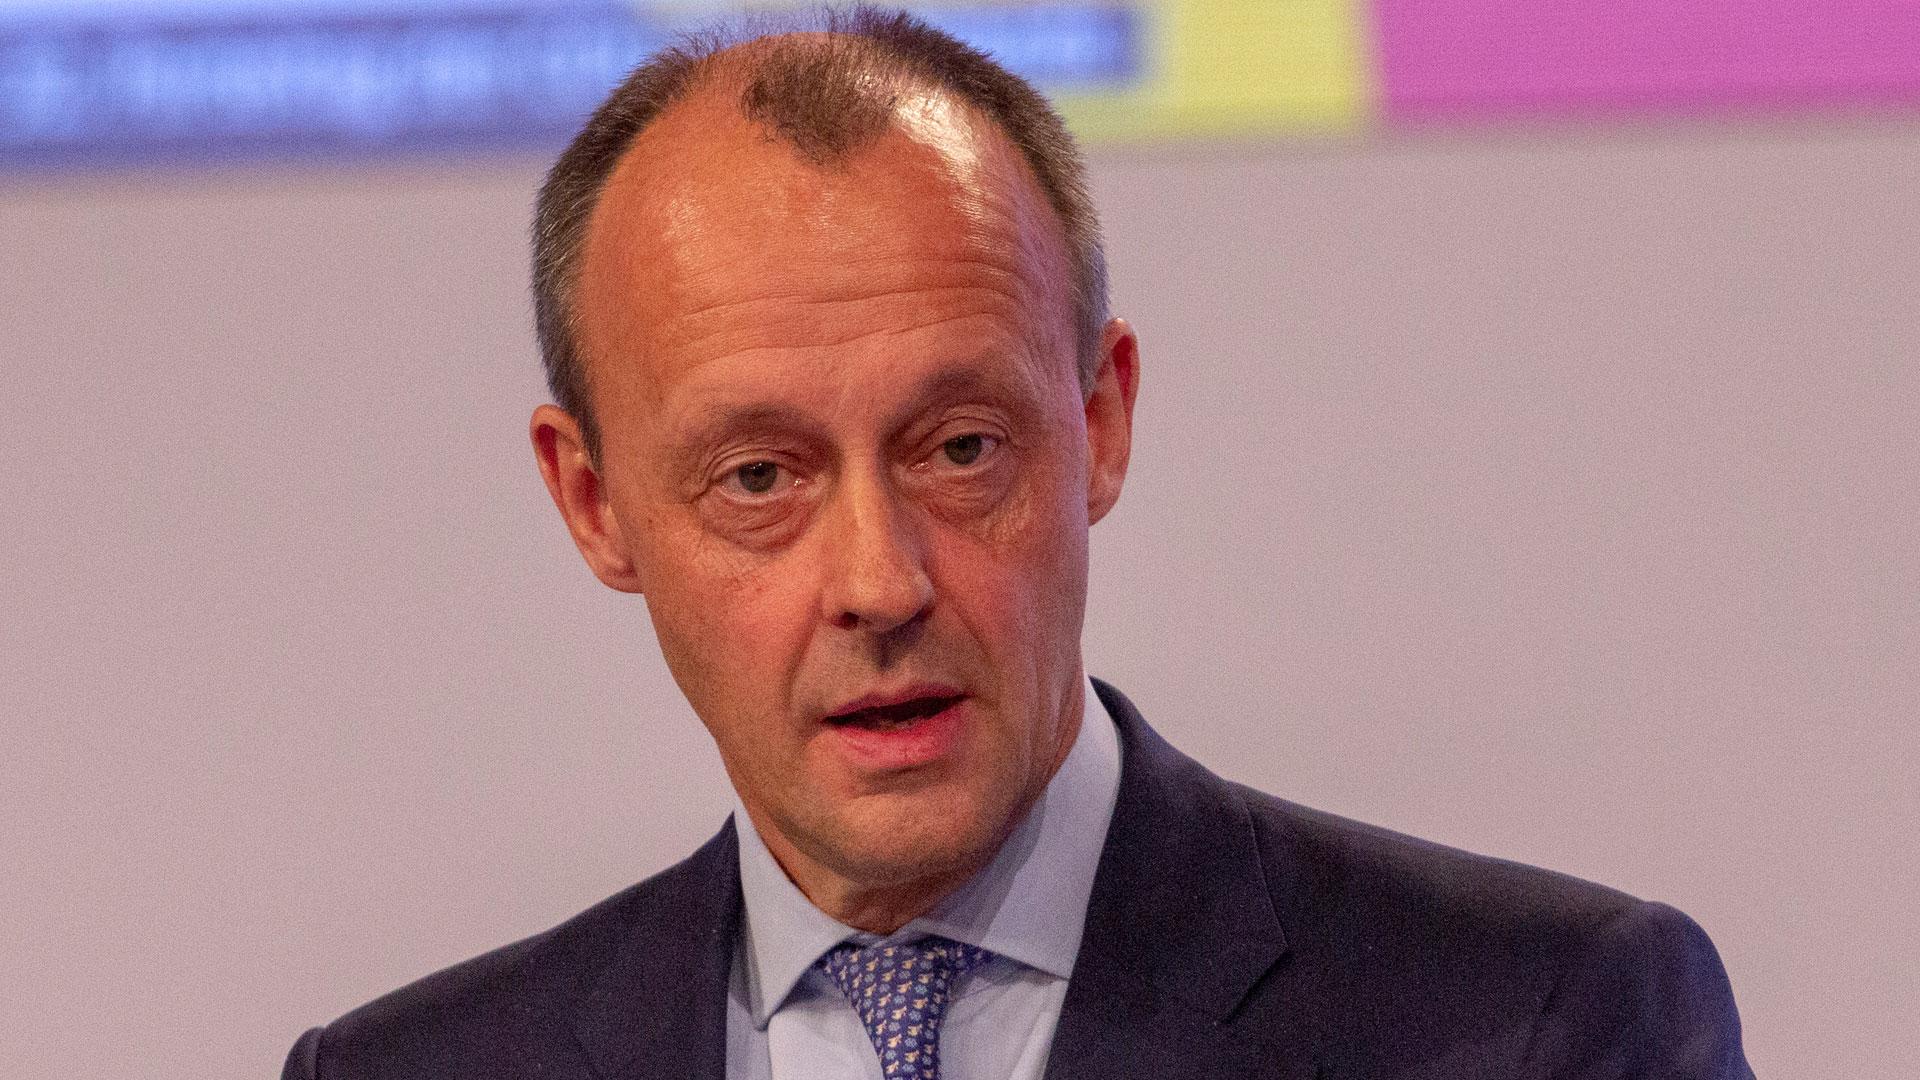 Für CDU-Politiker Friedrich Merz ist die Seenotrettung ganz klar eine staatliche Aufgabe